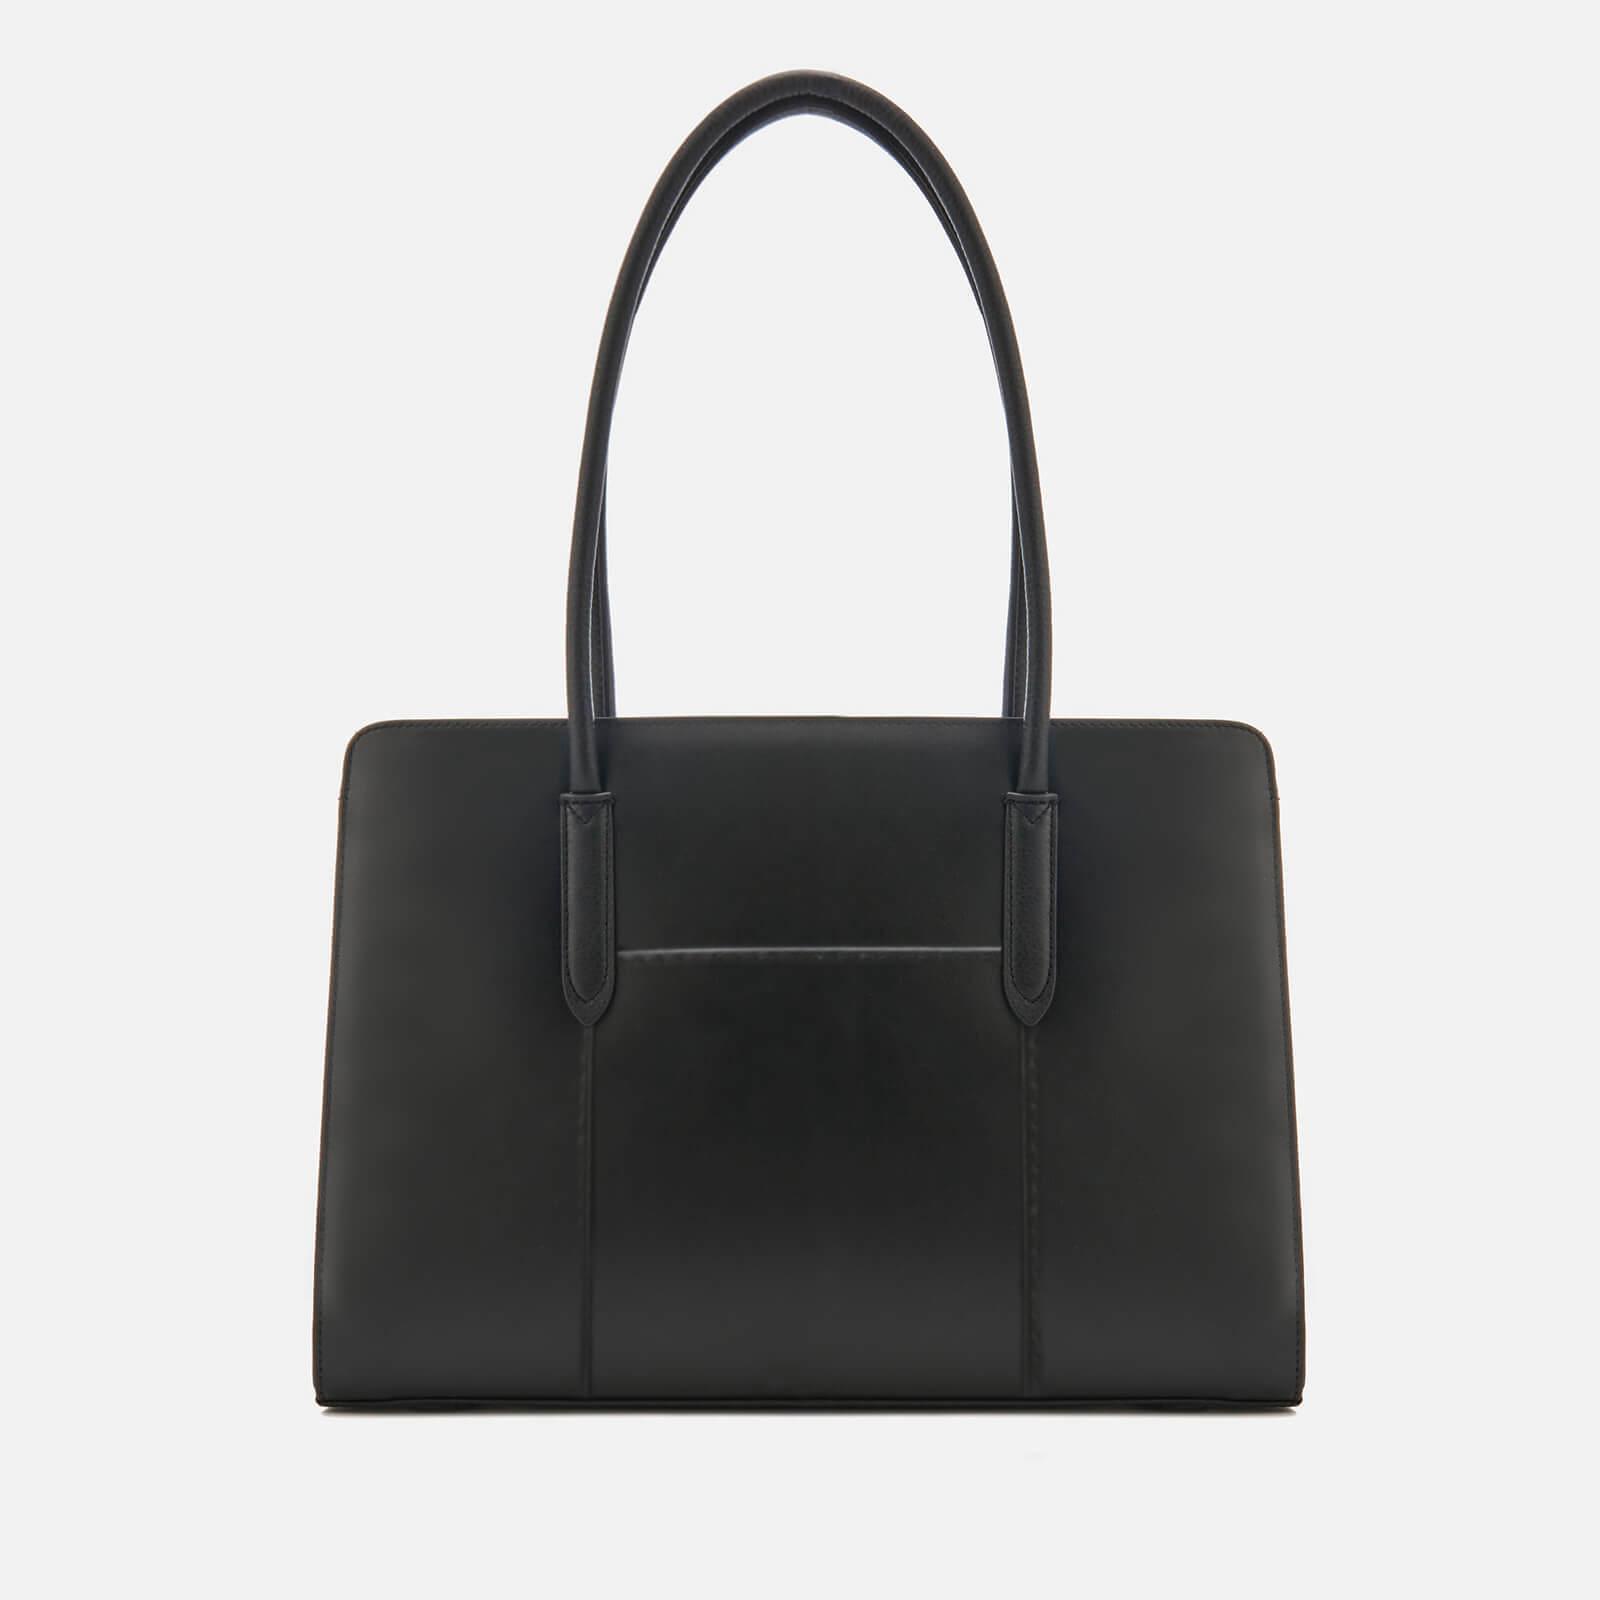 5934ffbae347 Lyst - Radley Liverpool Street Stud Large Workbag Tote Bag in Black